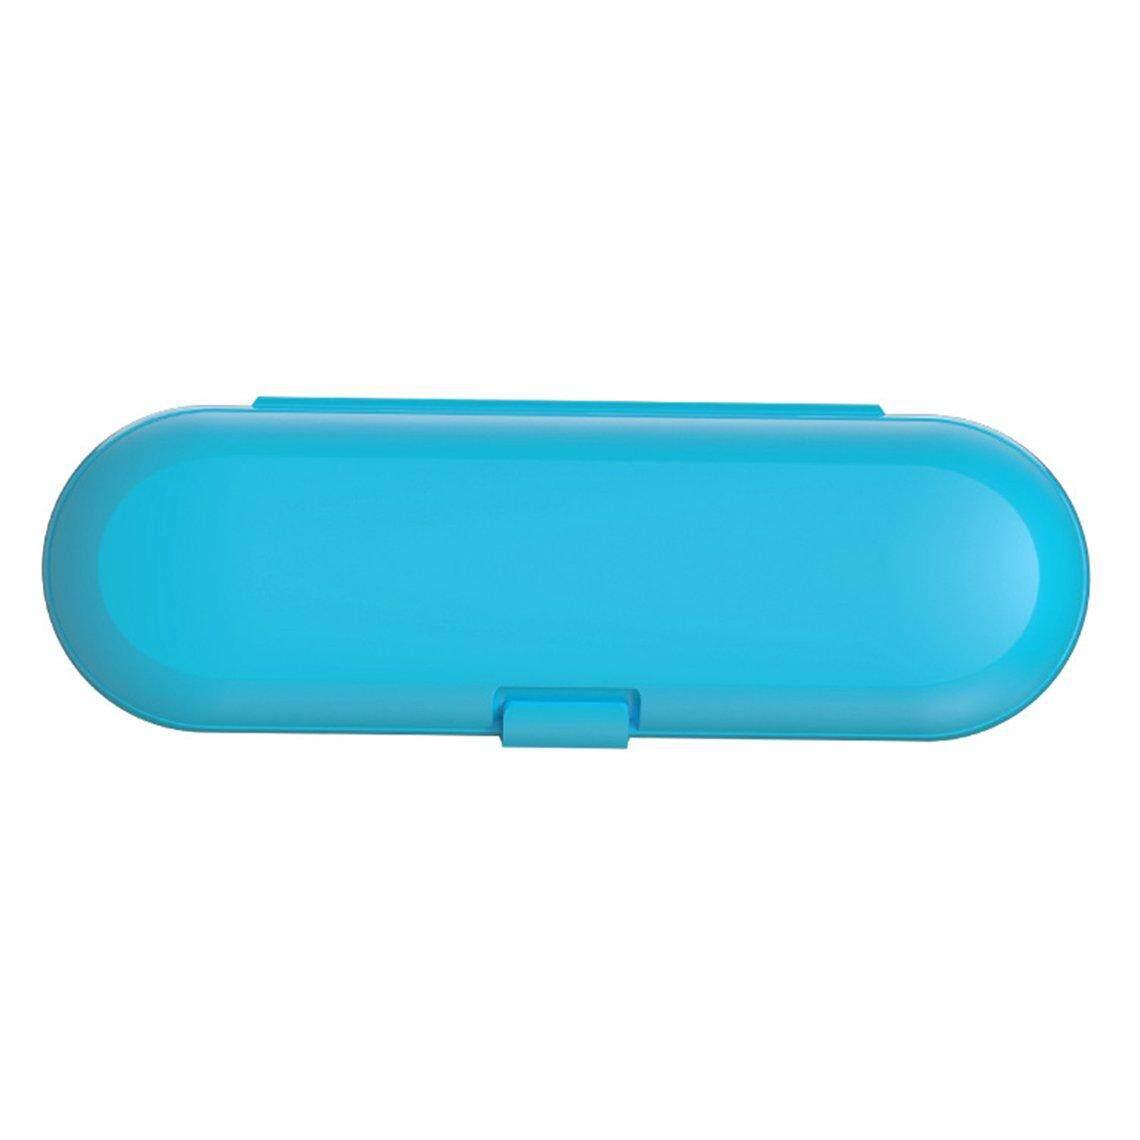 จันทบุรี ส่วนลดที่ดีที่สุดสำหรับ Philips ไฟฟ้า TOOT Hbrush กล่องแบบพกพา TOOT Hbrush กล่องเก็บของ